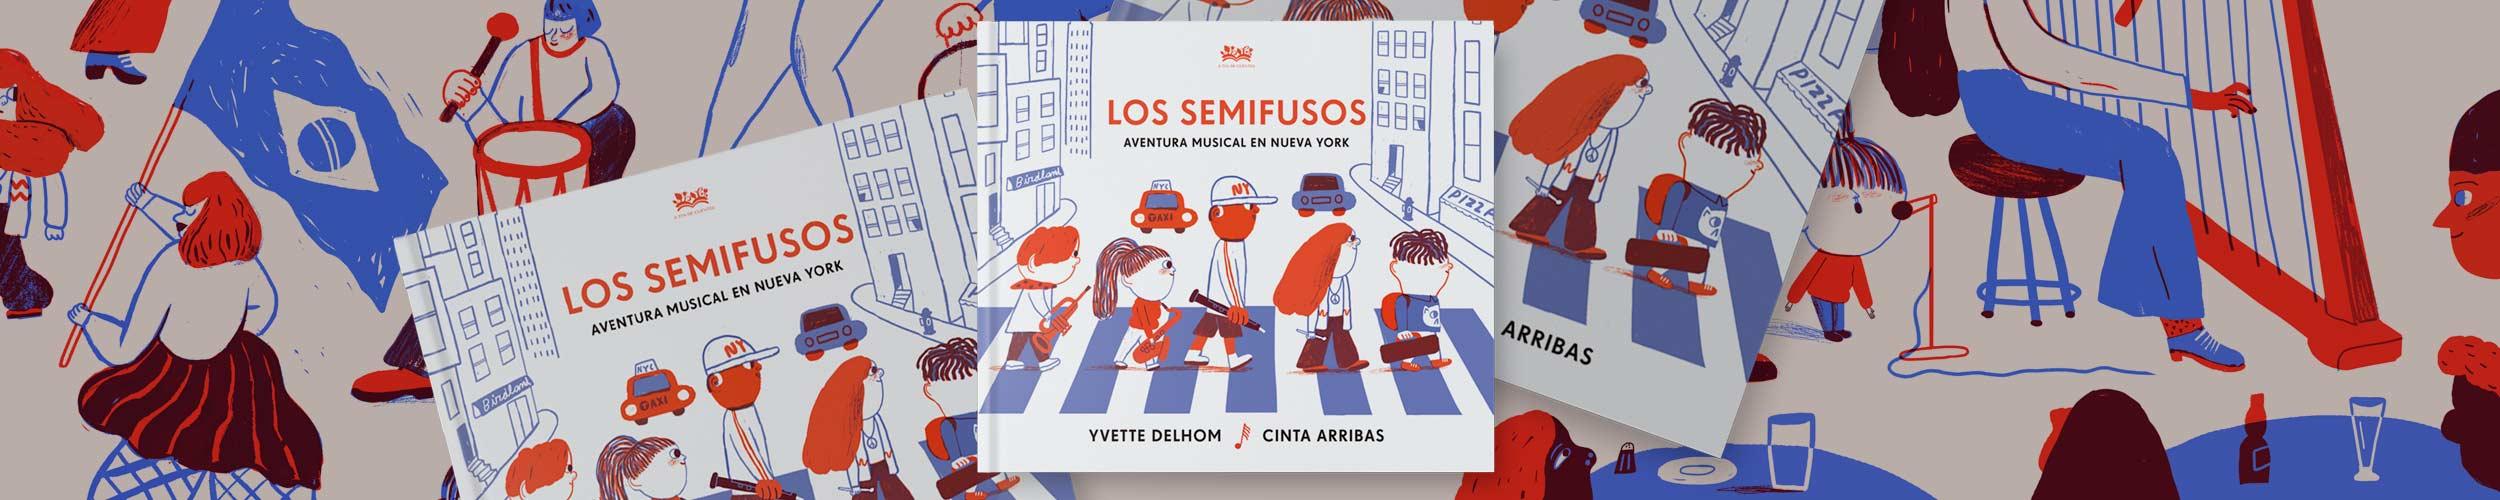 Los Semifusos - A fin de cuentos